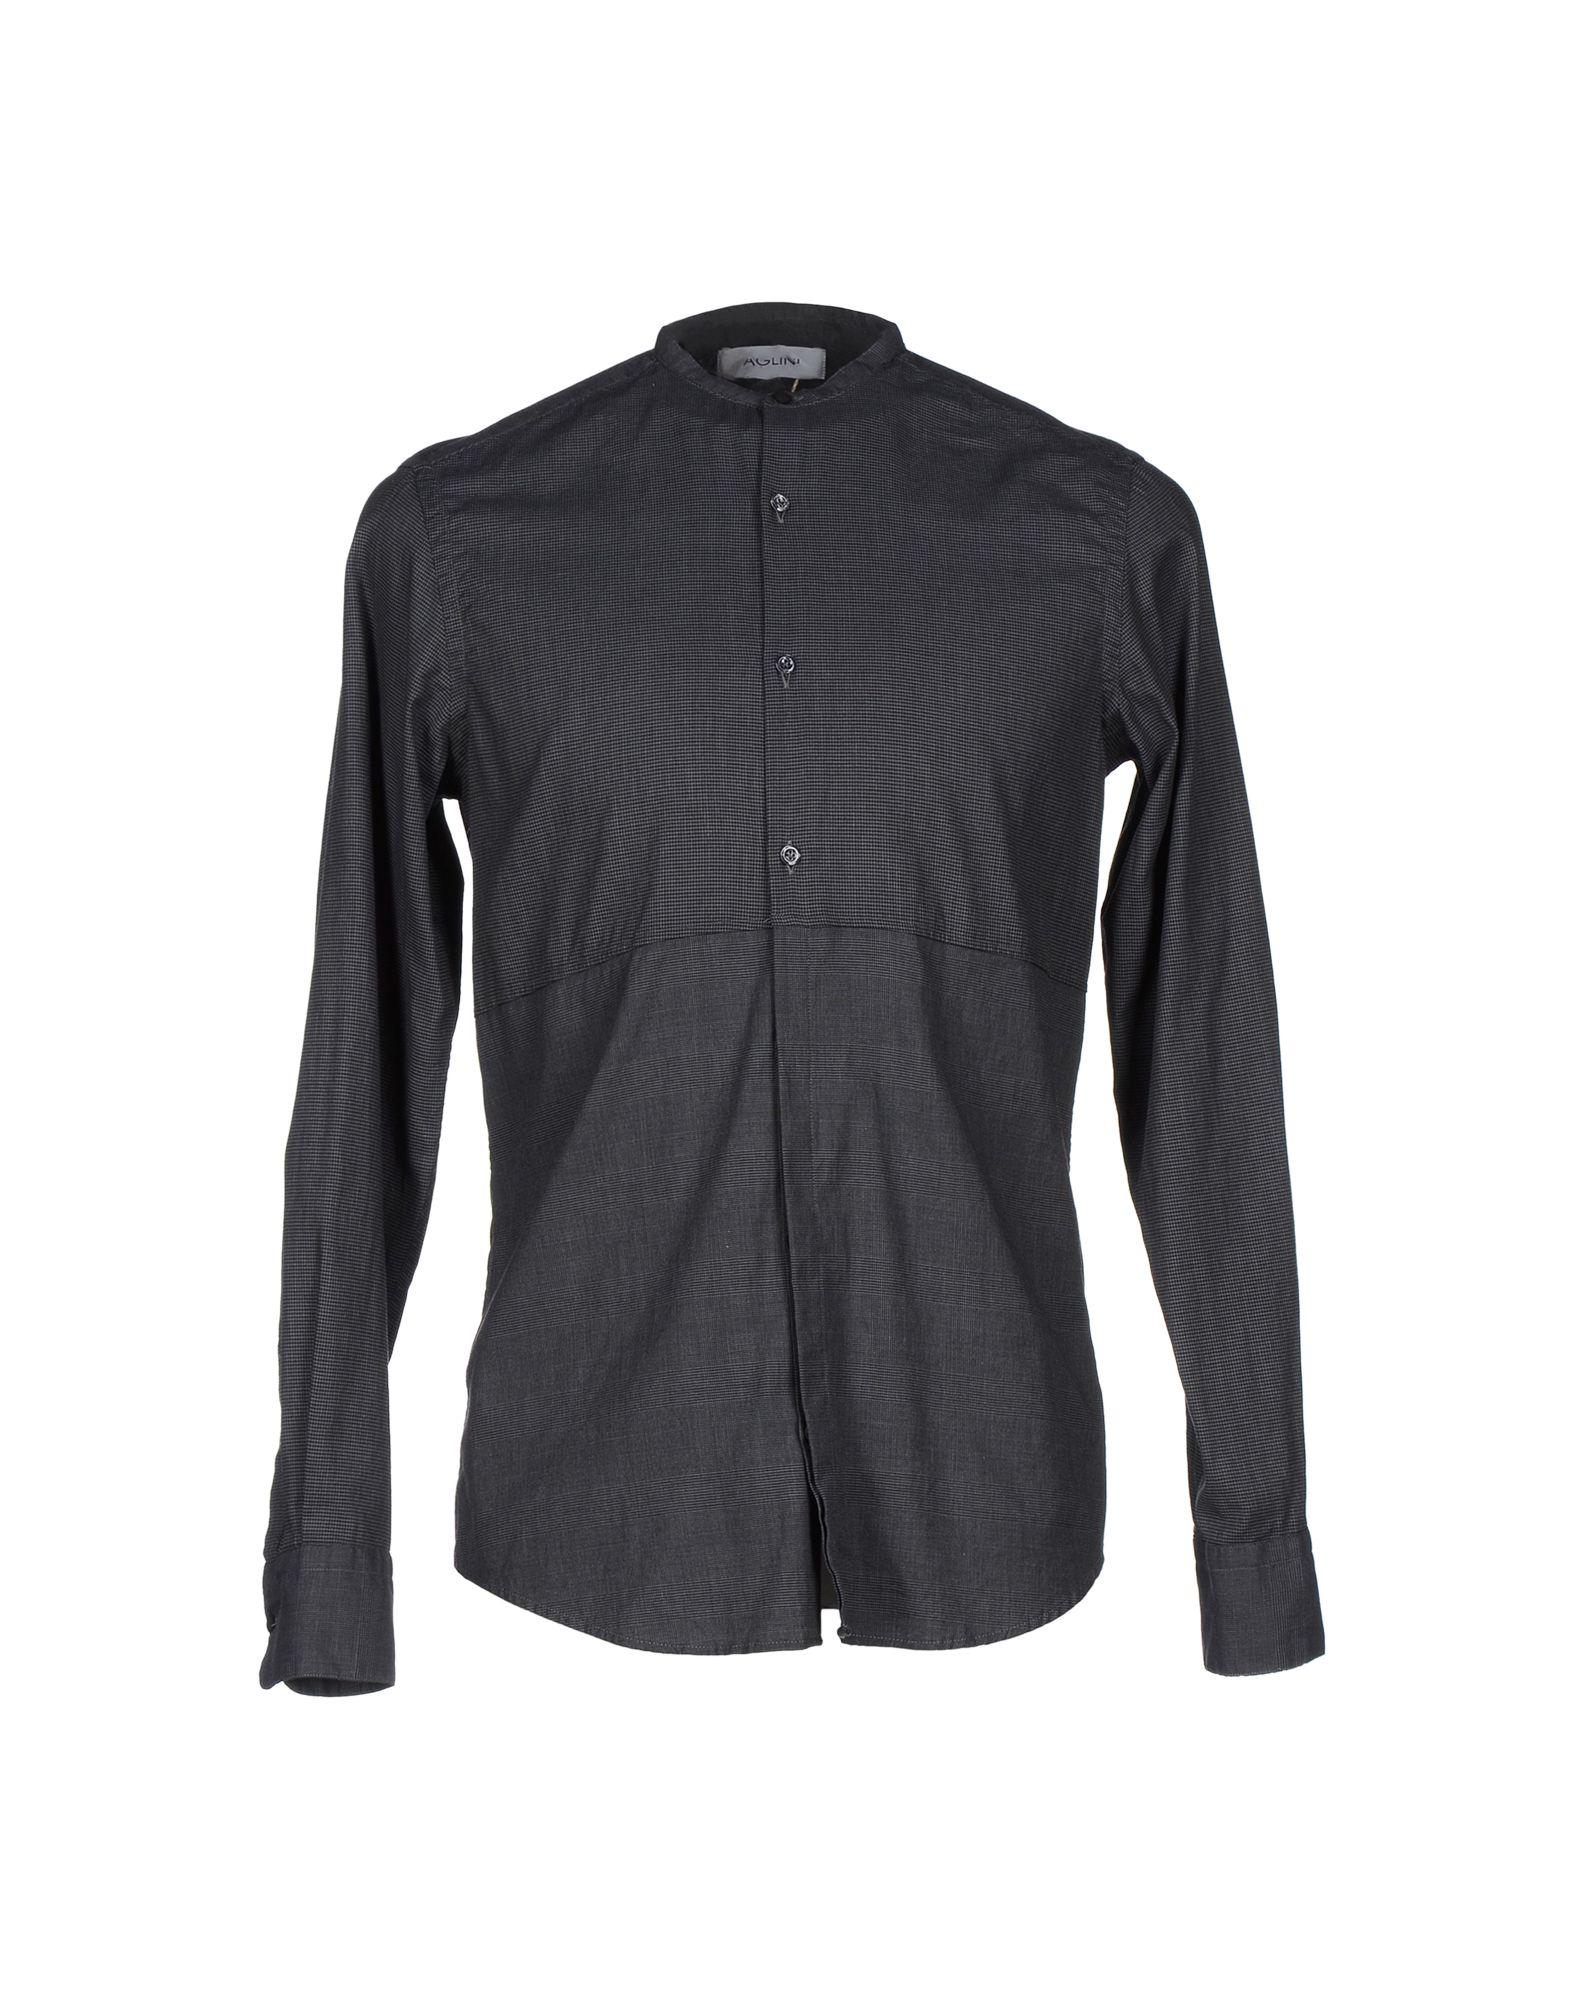 AGLINI Patterned Shirt in Steel Grey